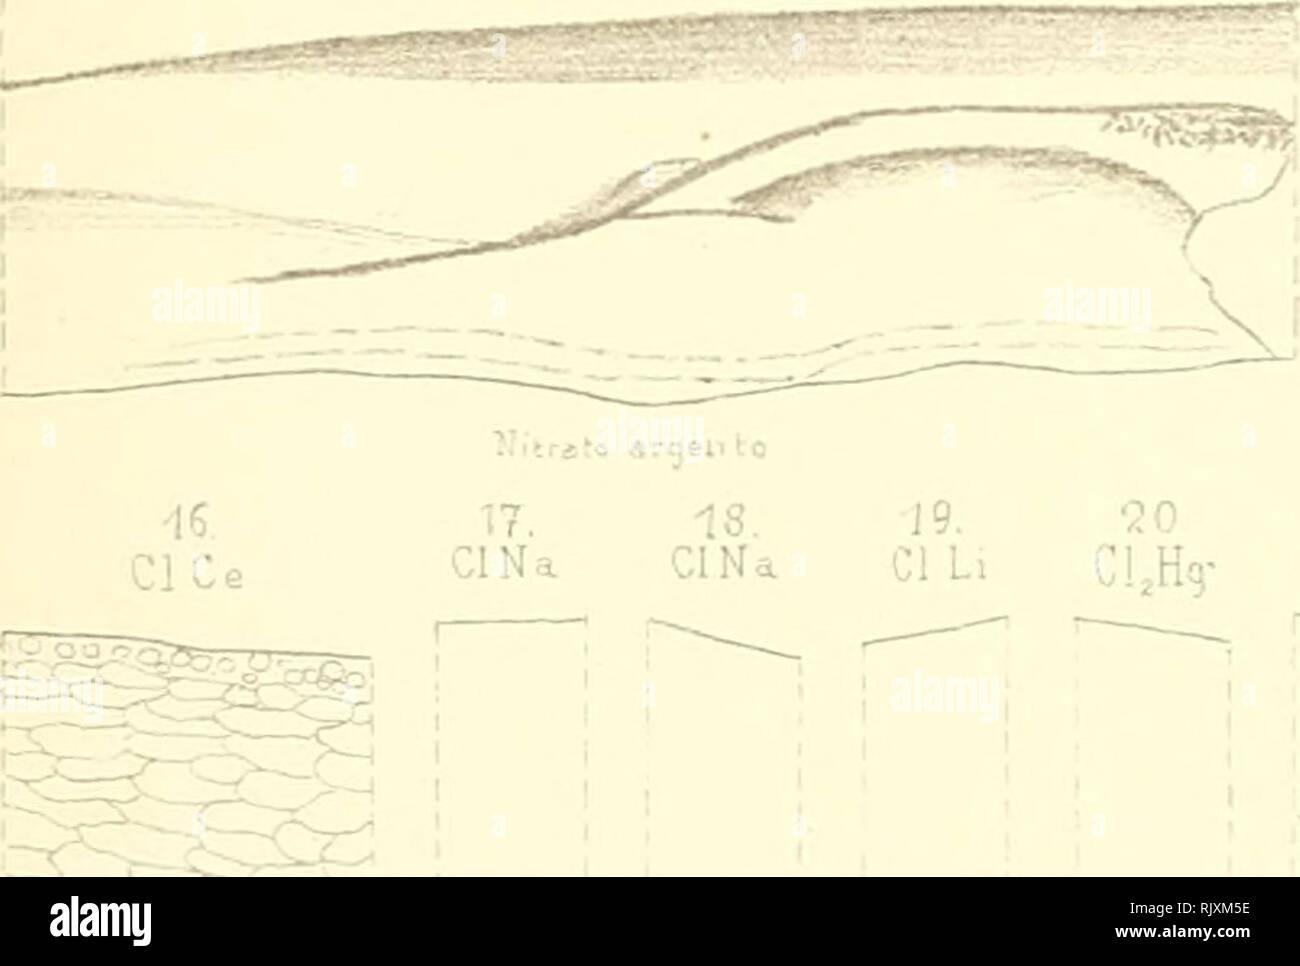 """. Atti. Piante; piante -- Italia; Cryptogamia; micologia. Arti cl(>ll Isl? Rorcinko Univ. di Povi.uVol.XI Tav.lX 1 2. 3. 4- 5 6 7. 8. 9. 10. Vò 14. 15. Cy.FeK C^.Fei; Cy.FeK, Cy.FeK, Cl^Hg Cl,Hg CI K K CI CI CI Ce Ce CU,.,.... ClNa ClNa '° ^%? ^xV ^$s PMNO;/ """" â PMNO,), ho/uo'uuit' o.iru """"g^a *Â""""Â""""oS -etrii'. ;Rj^ nm, -â' ^= AgNO, AqNO,. 19. ¢JO 21 CIL, C!,H9- CLHg .i.Â""""'j A,jNC, 12. AqNO, :1K 25. CIK 27. AoMO. g""""""""} AgNO, AqNO, 26. Un Aqh,-ho, 30. AqNO, AgNOj 23. V '''tór' L.Buscalioni canc. lil.Tacctiinardi jLperrarì.Pavii. Buscalionie Purgotti-Dissoc.e diffus.deijoni.. P Foto Stock"""